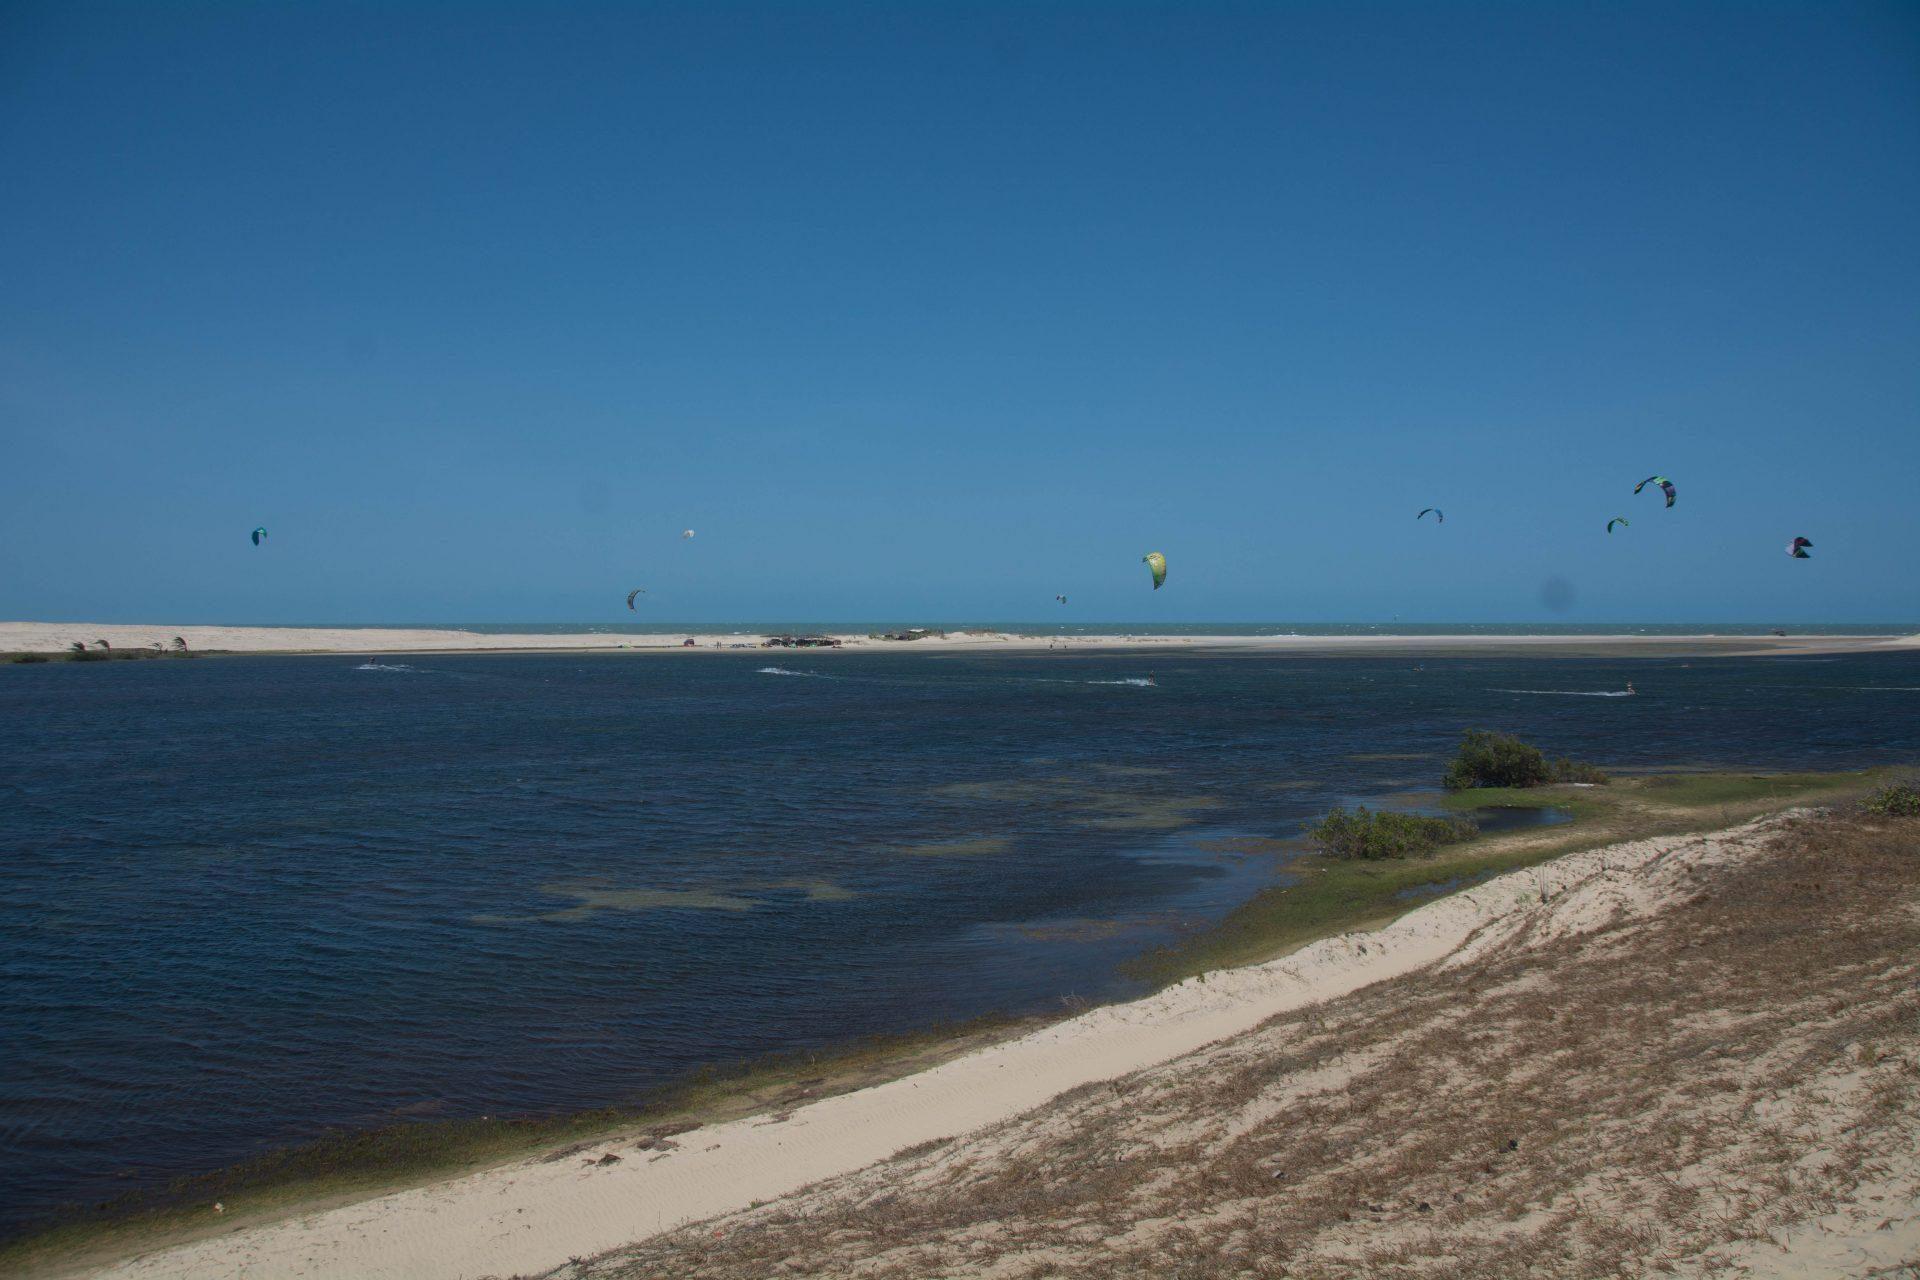 Kitesurfing Lagoinha, Brazil